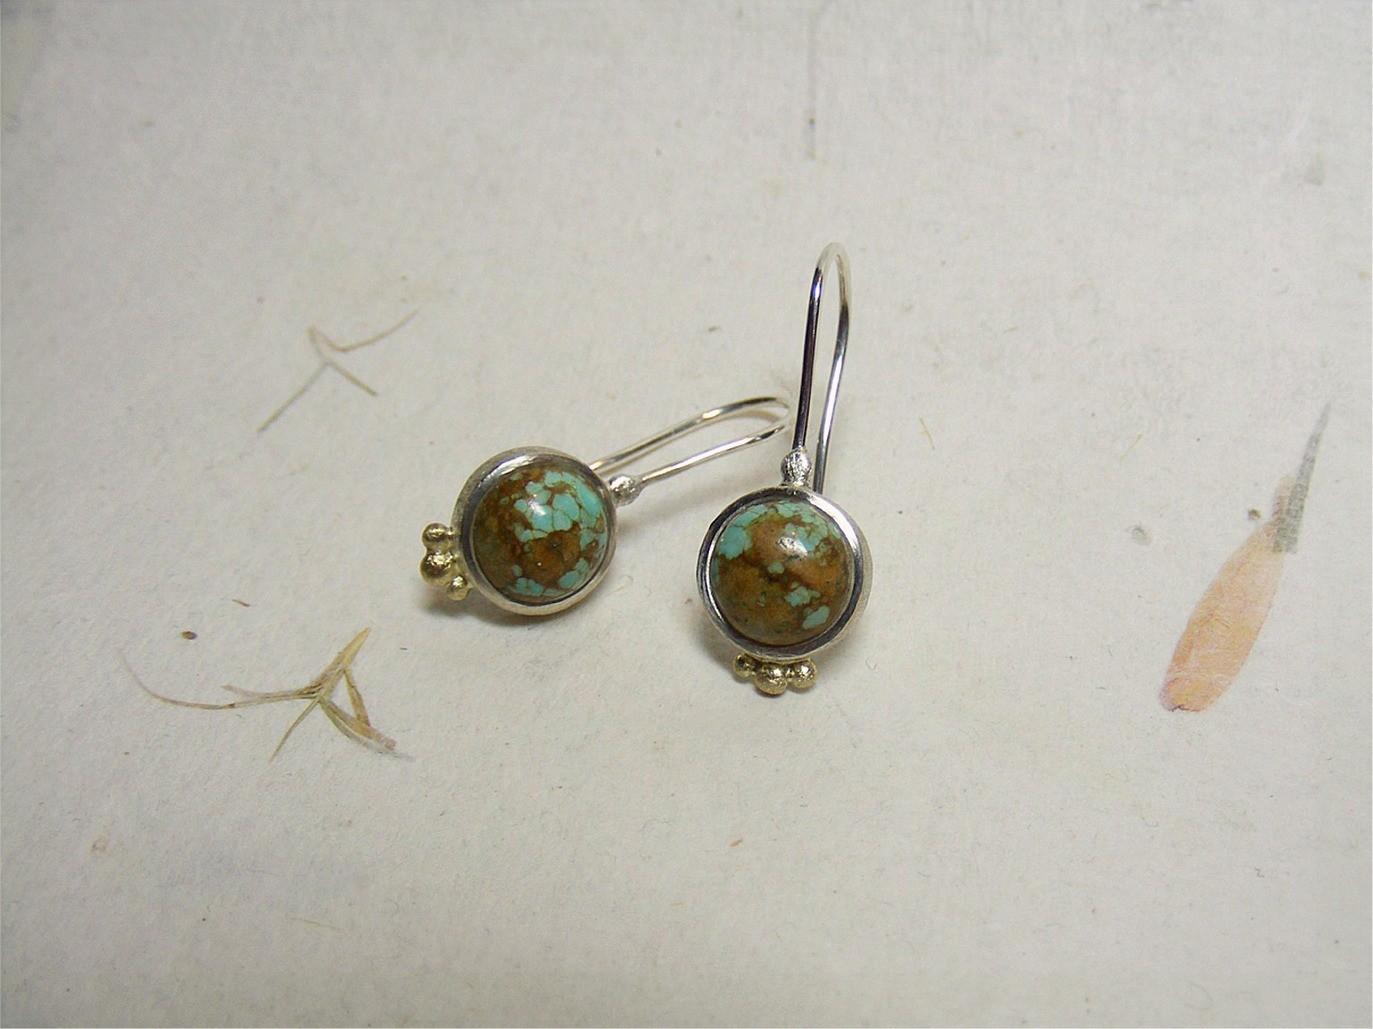 zilver, 14kt geelgoud en turquoisen (Tibet) €160, te koop